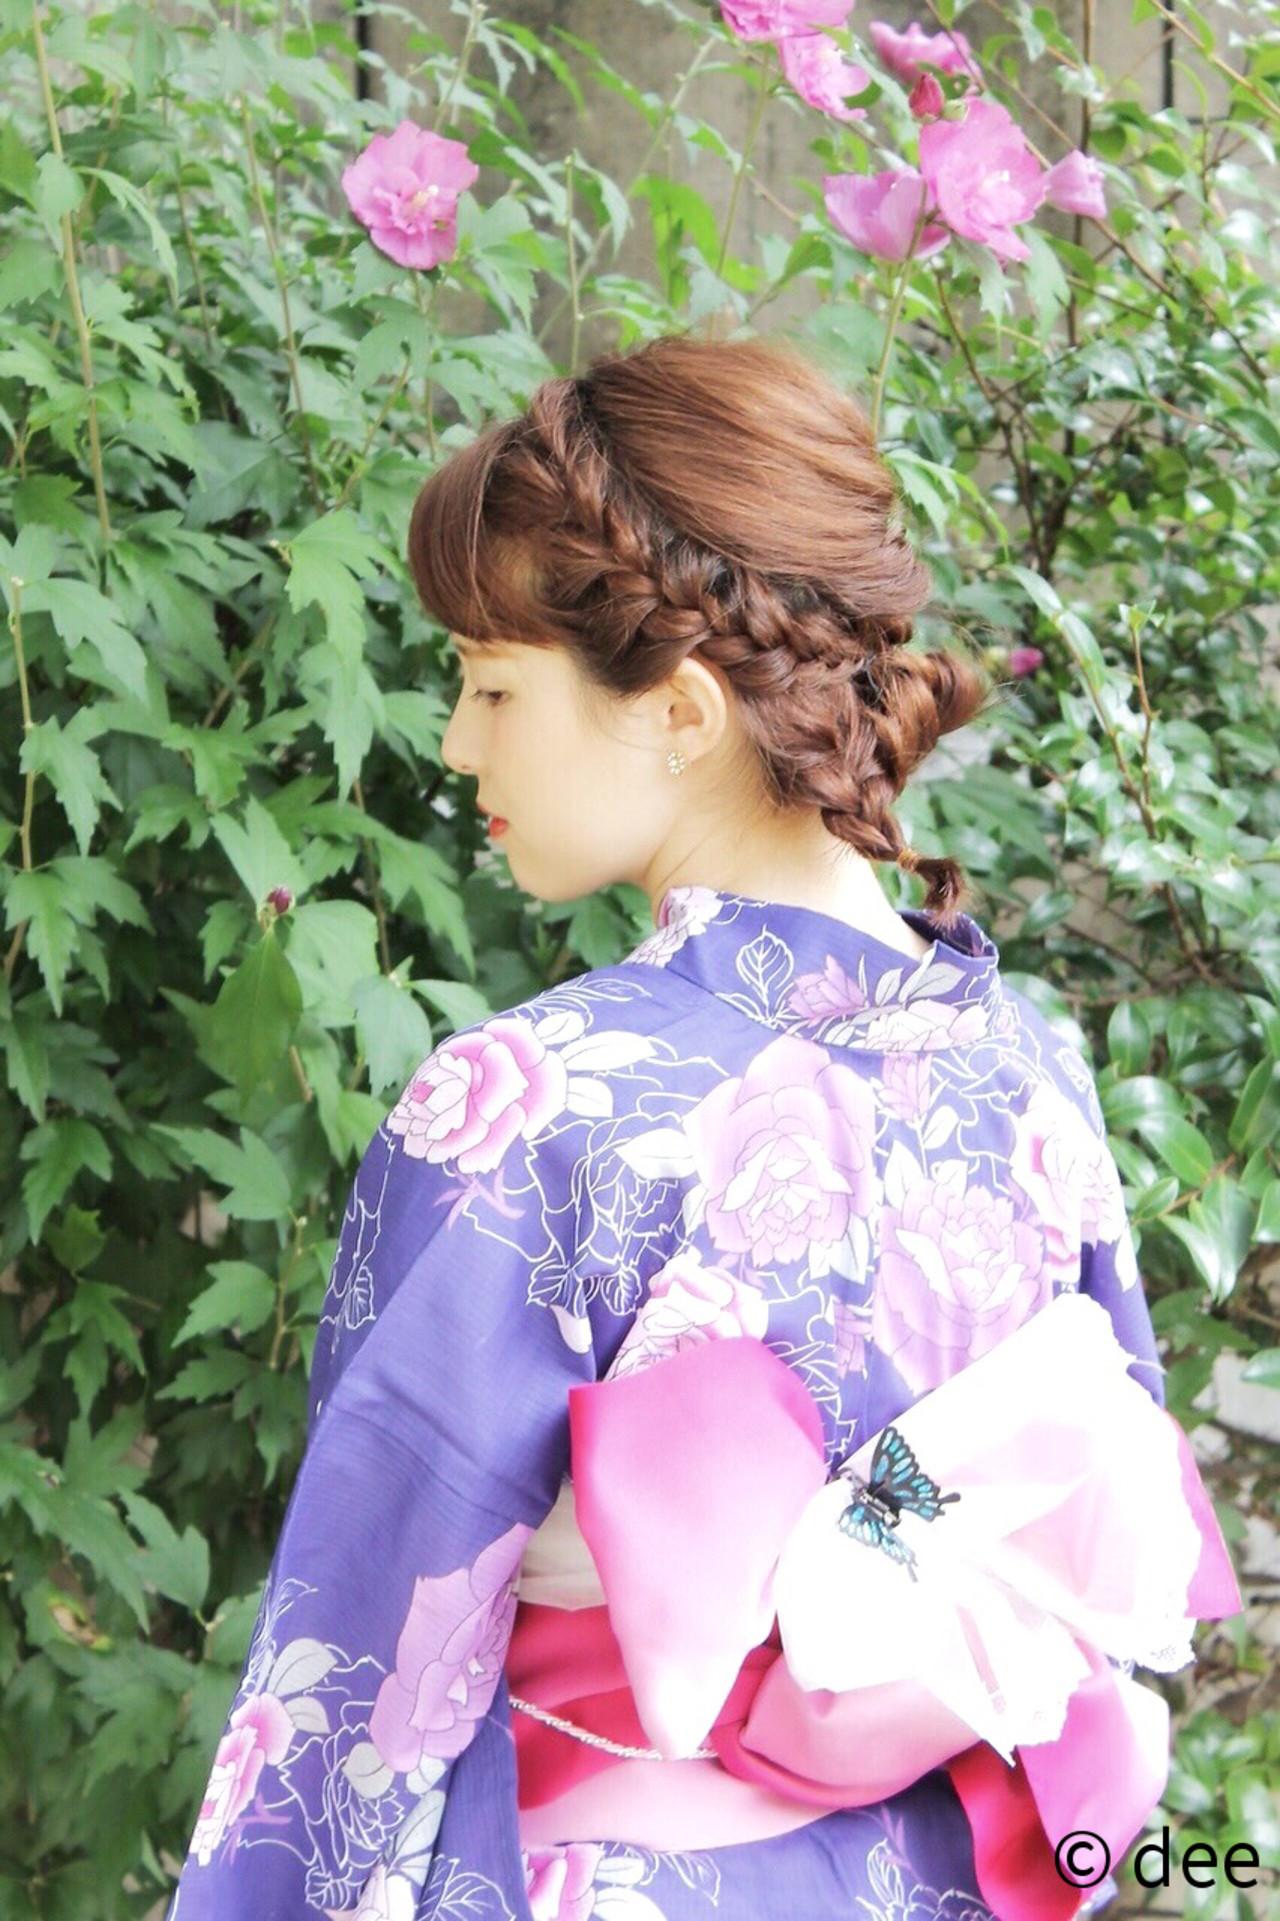 ヘアアレンジ 夏 ヘアピン お祭り ヘアスタイルや髪型の写真・画像 | dee / dee